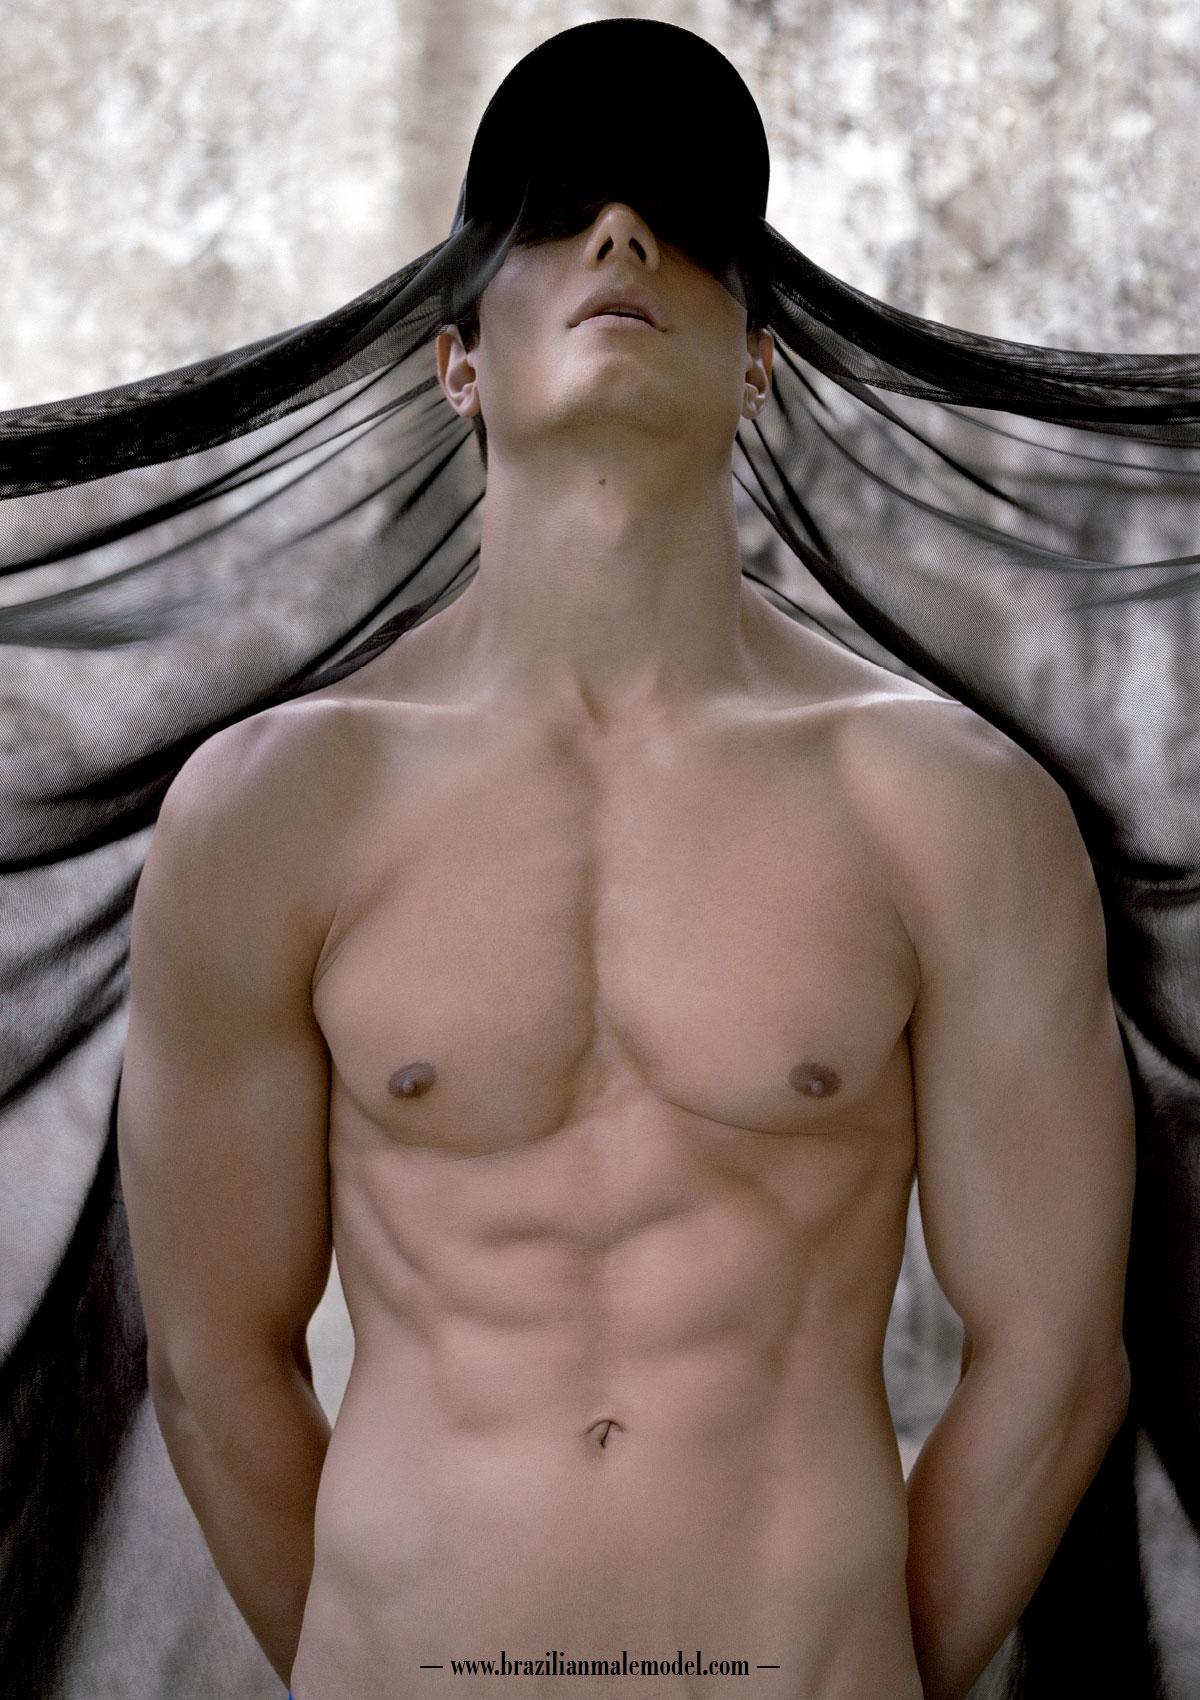 The Coverboy Sulevan Araujo by Filipe Galgani for Brazilian Male Model Magazine#2